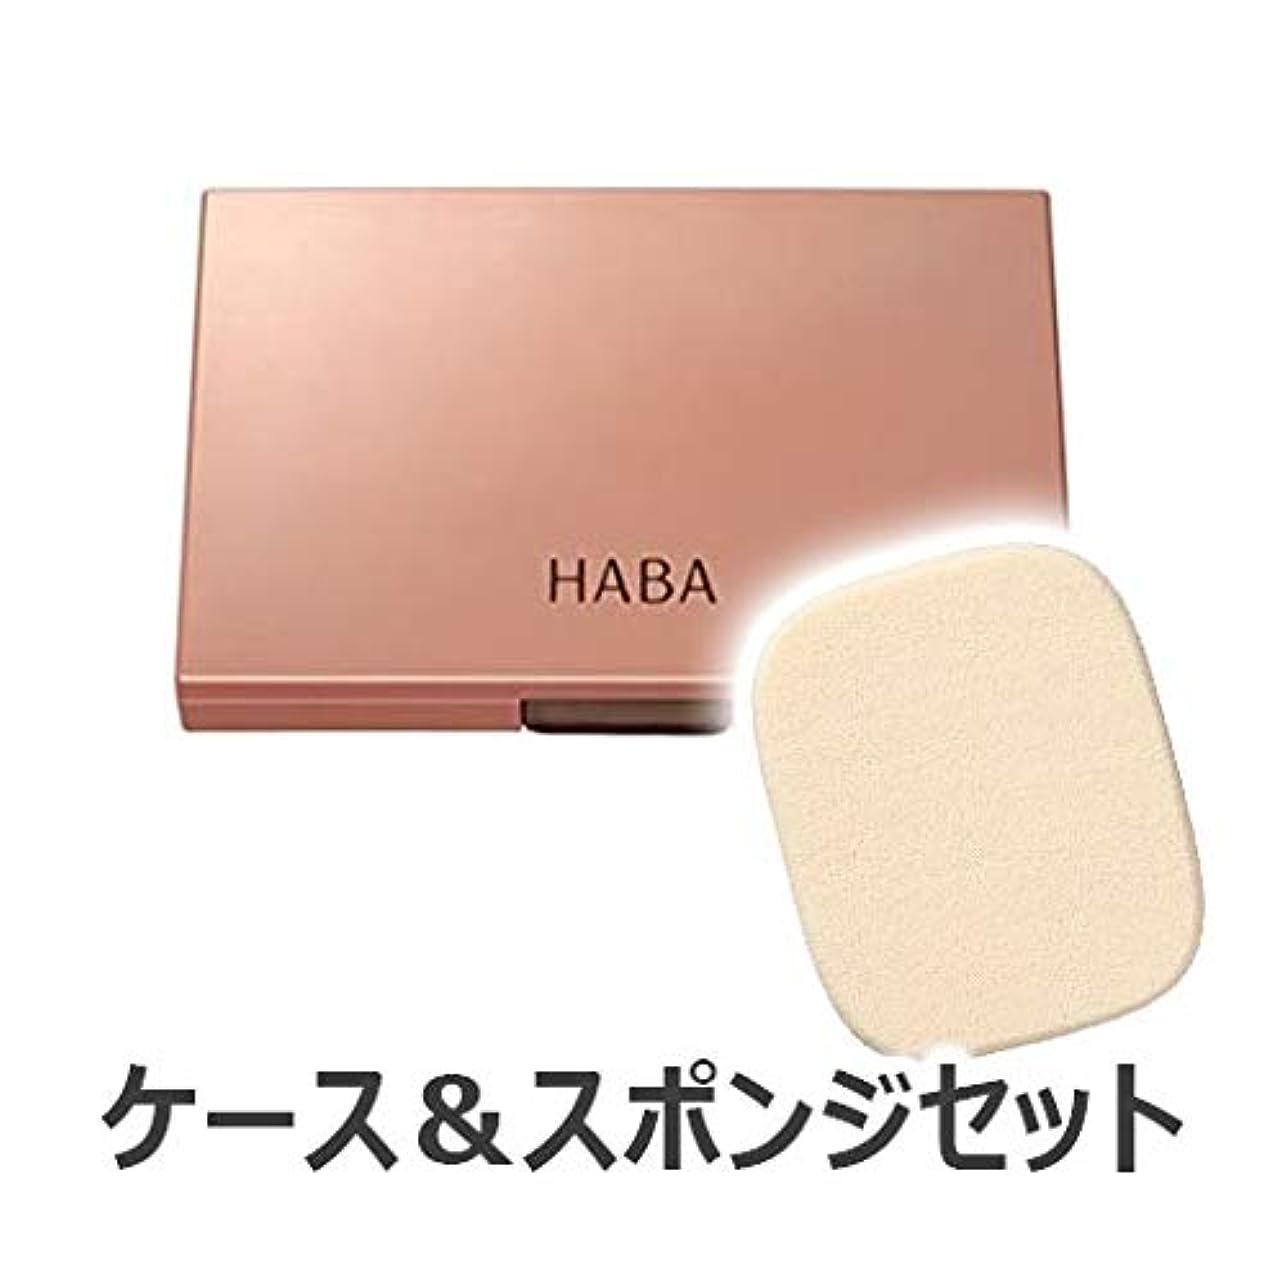 ハチ靴下相互接続HABA ミネラルパウダリーファンデーション 専用ケース & 専用スポンジ セット